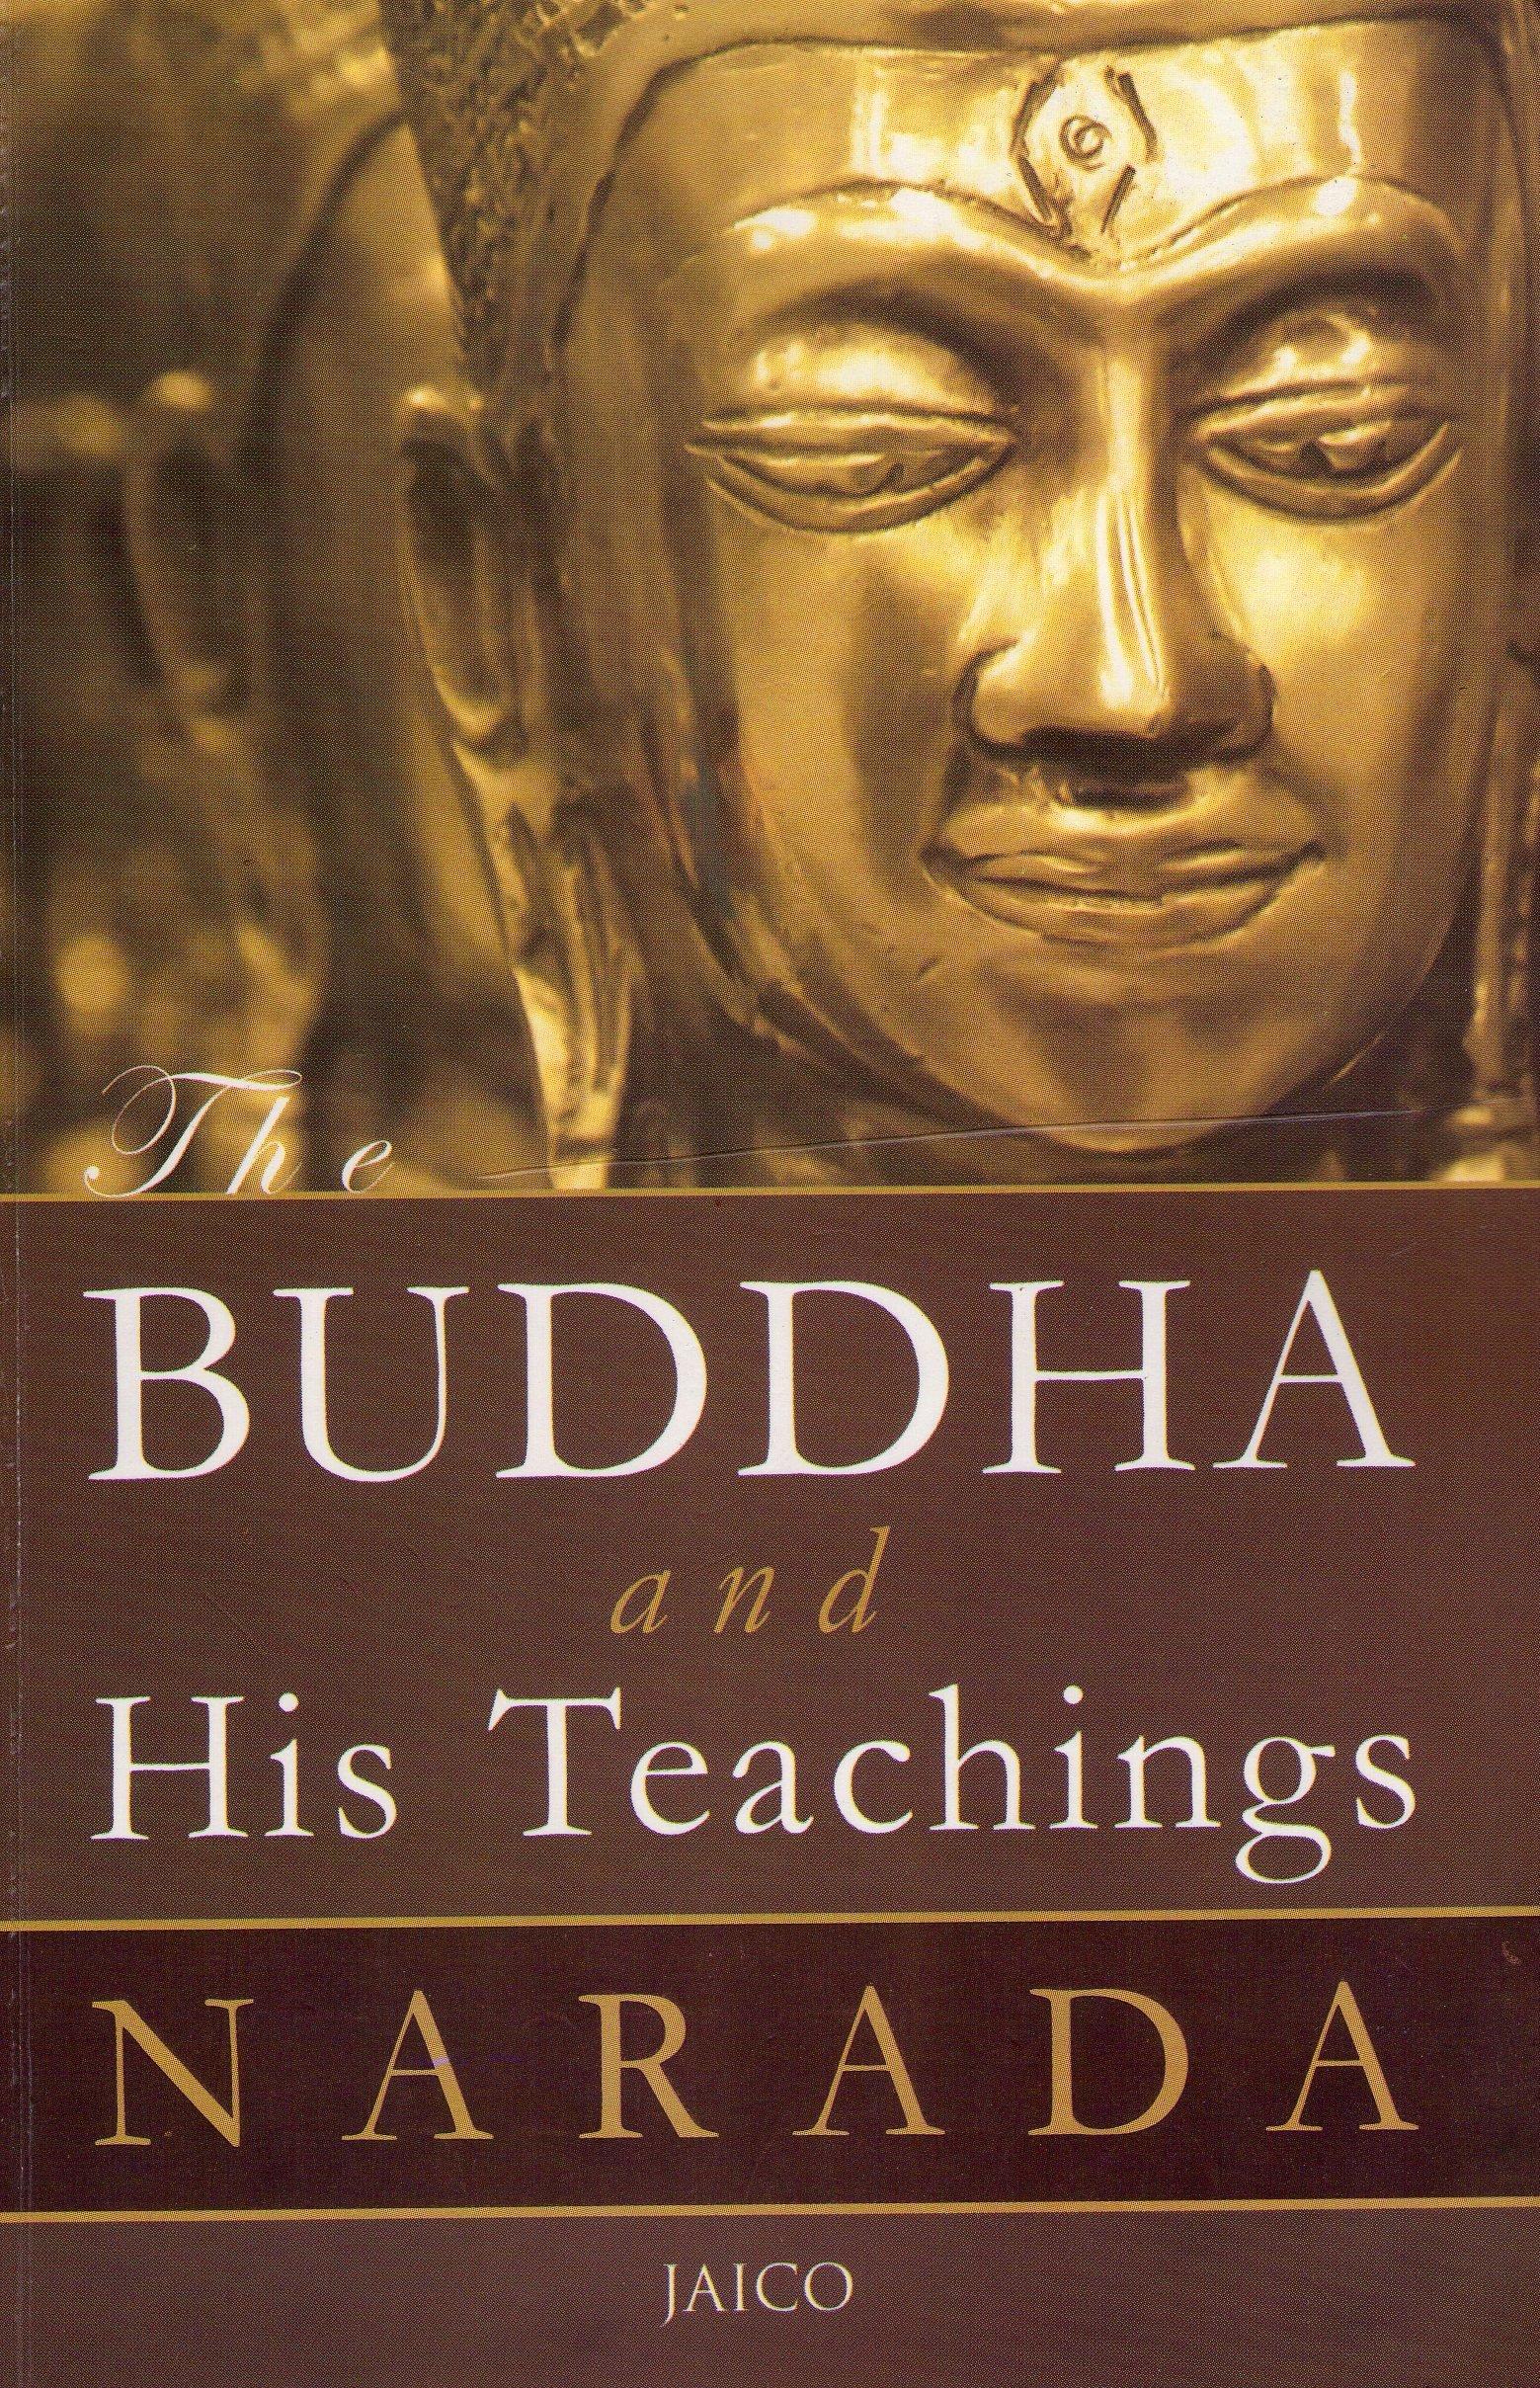 Narada Buddha Teachings cover art